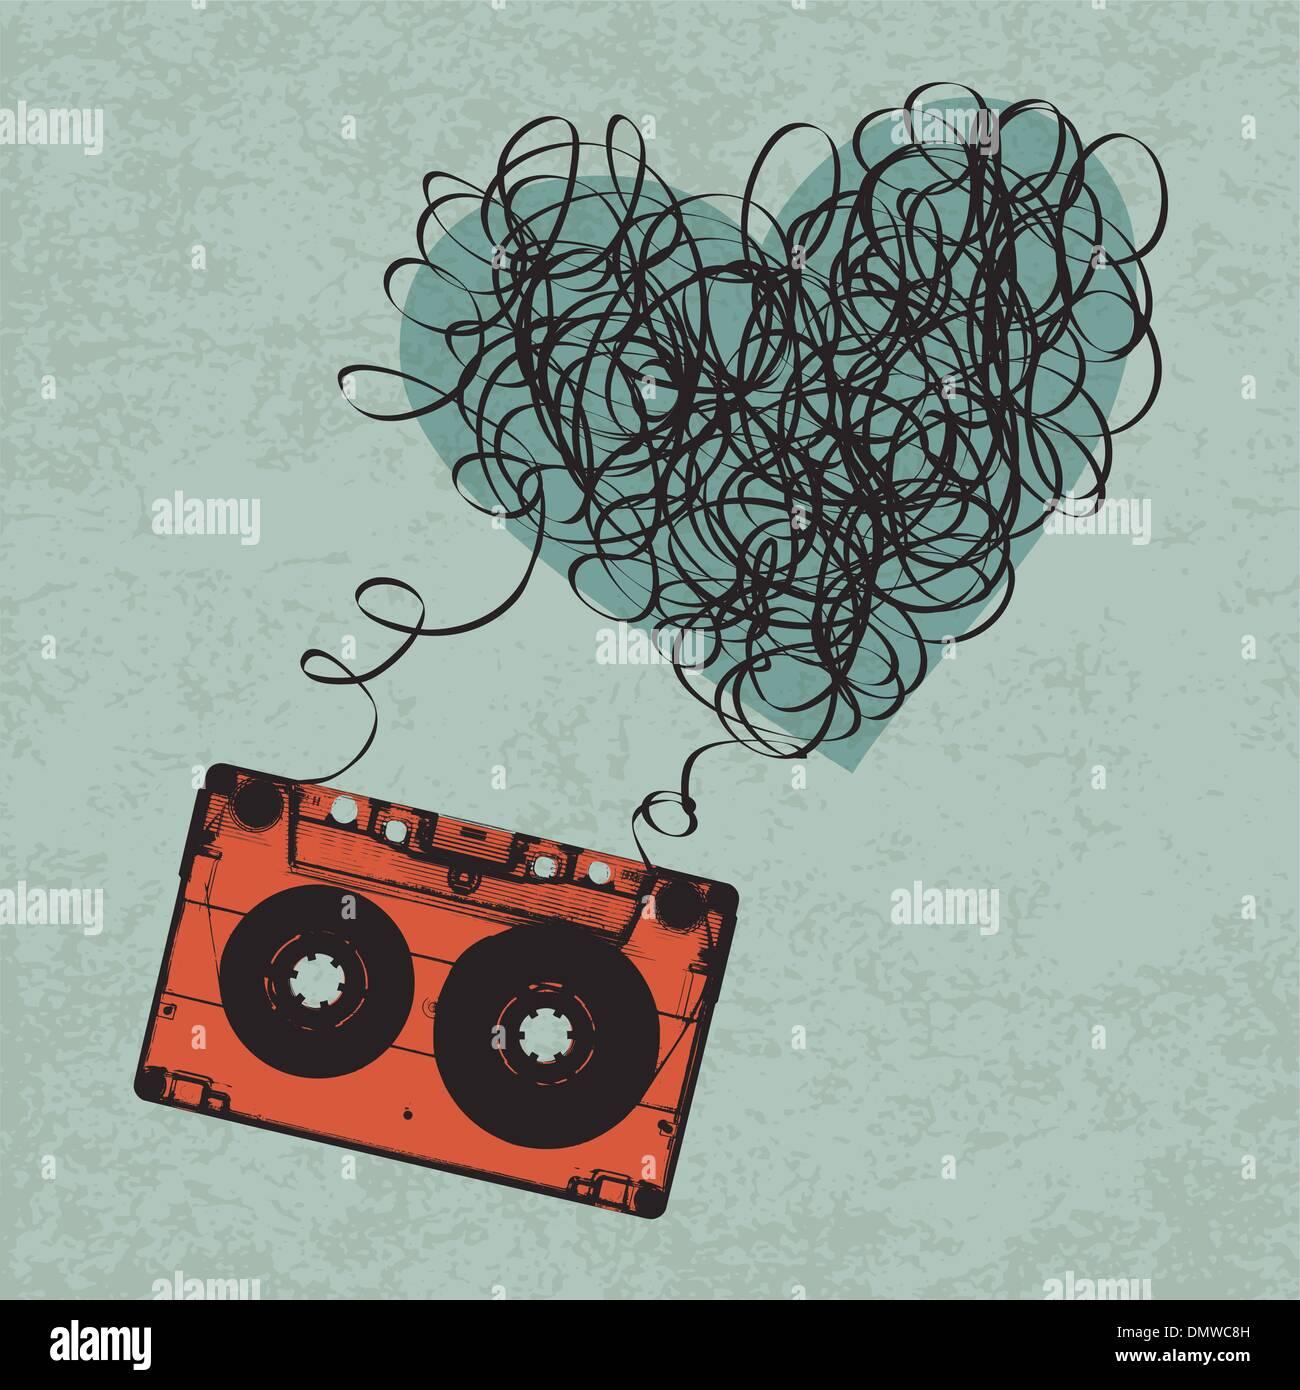 Cassette audio Vintage illustration en forme de coeur avec ruban. malpropre Photo Stock